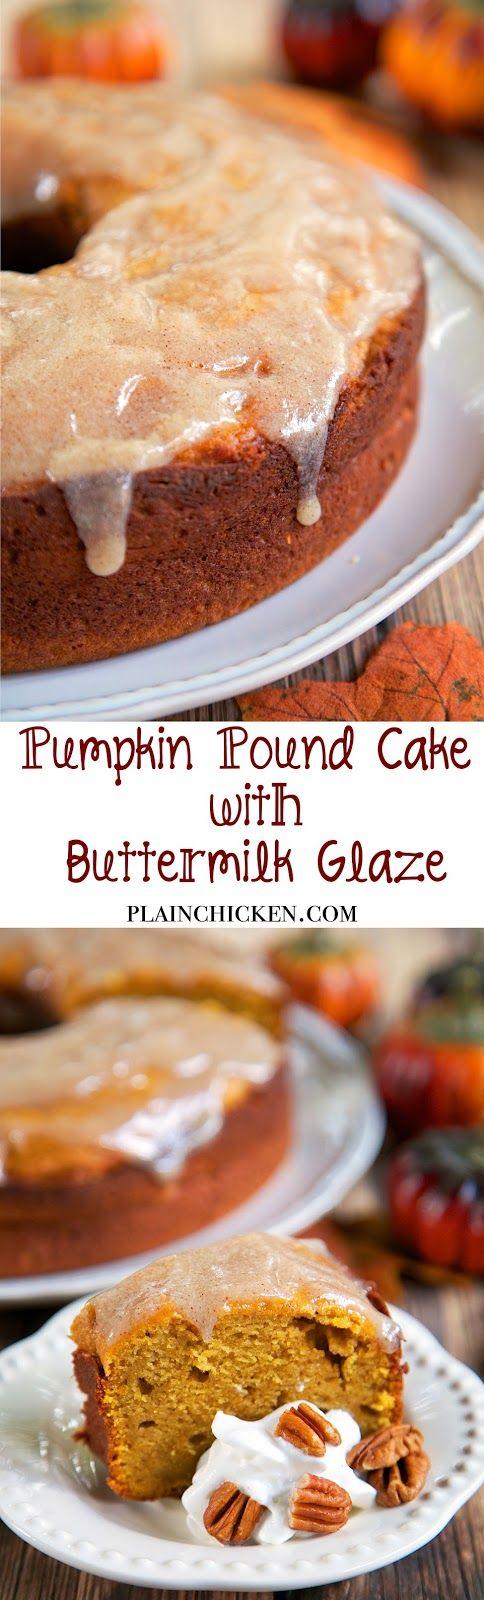 Pumpkin Pound Cake with Buttermilk Glaze | Plain Chicken®